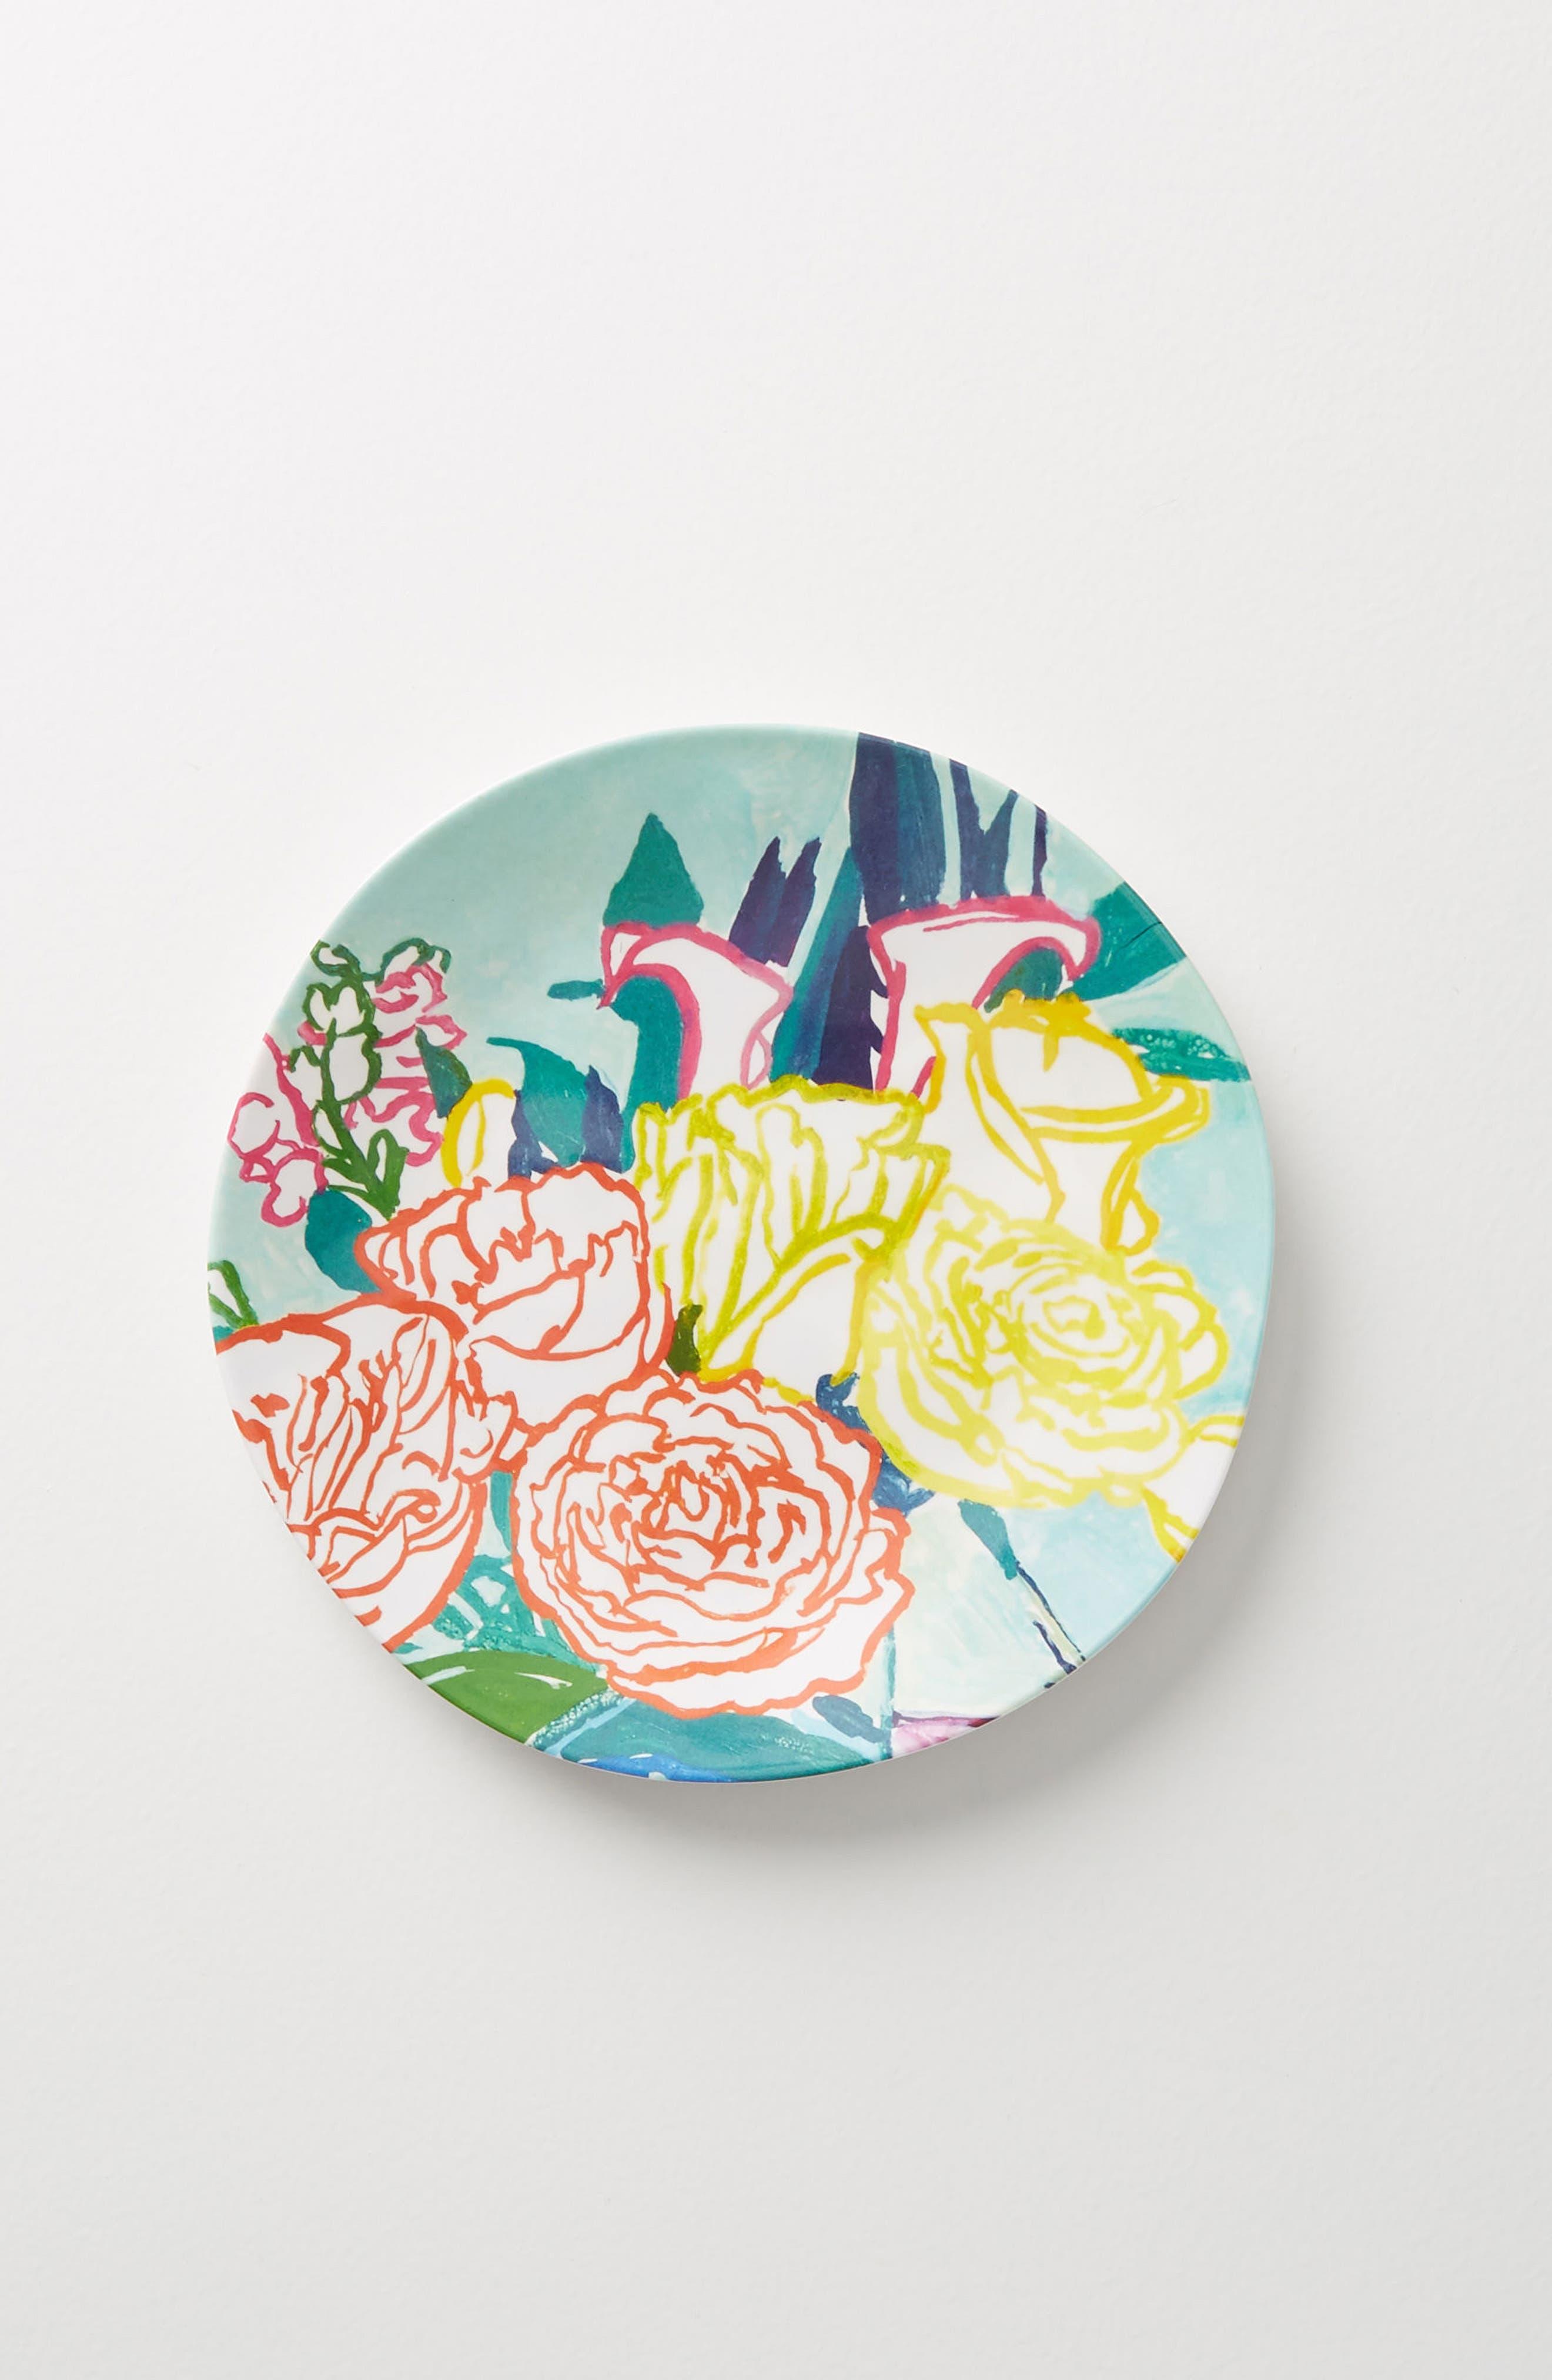 Paint + Petals Melamine Plate,                             Alternate thumbnail 2, color,                             TURQUOISE